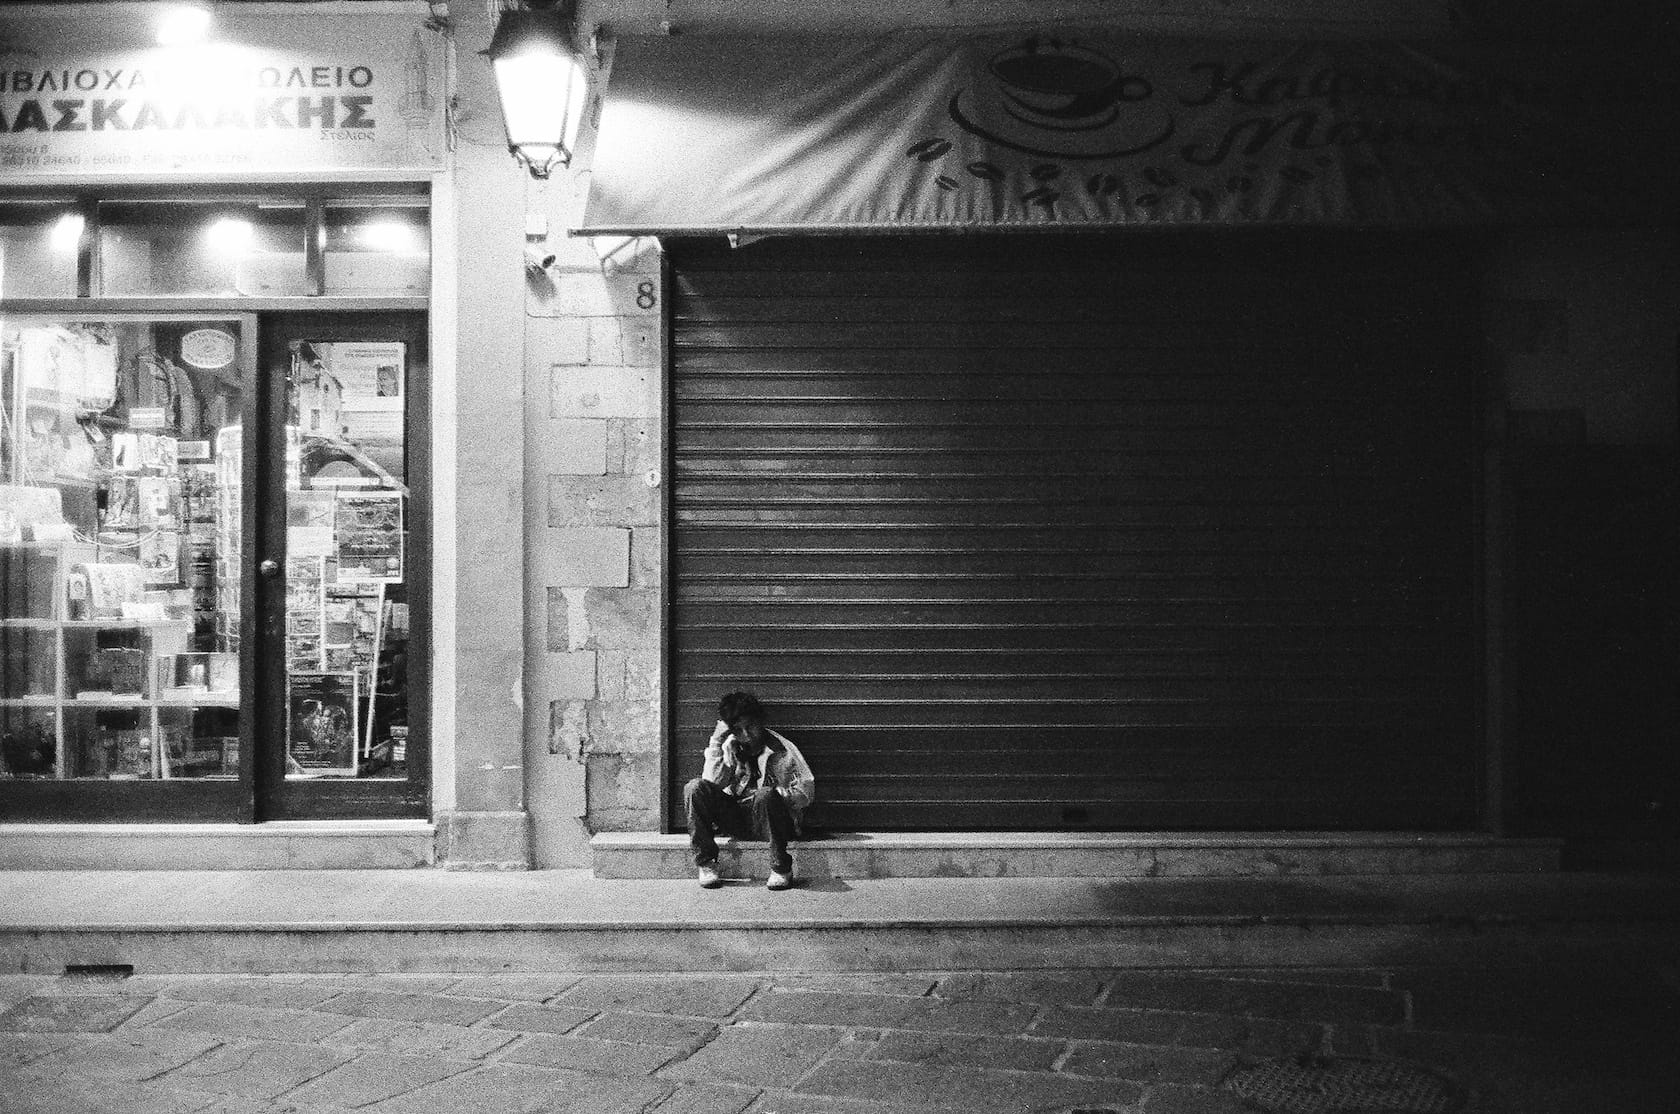 Lonely boy by spyros papaspyropoulos